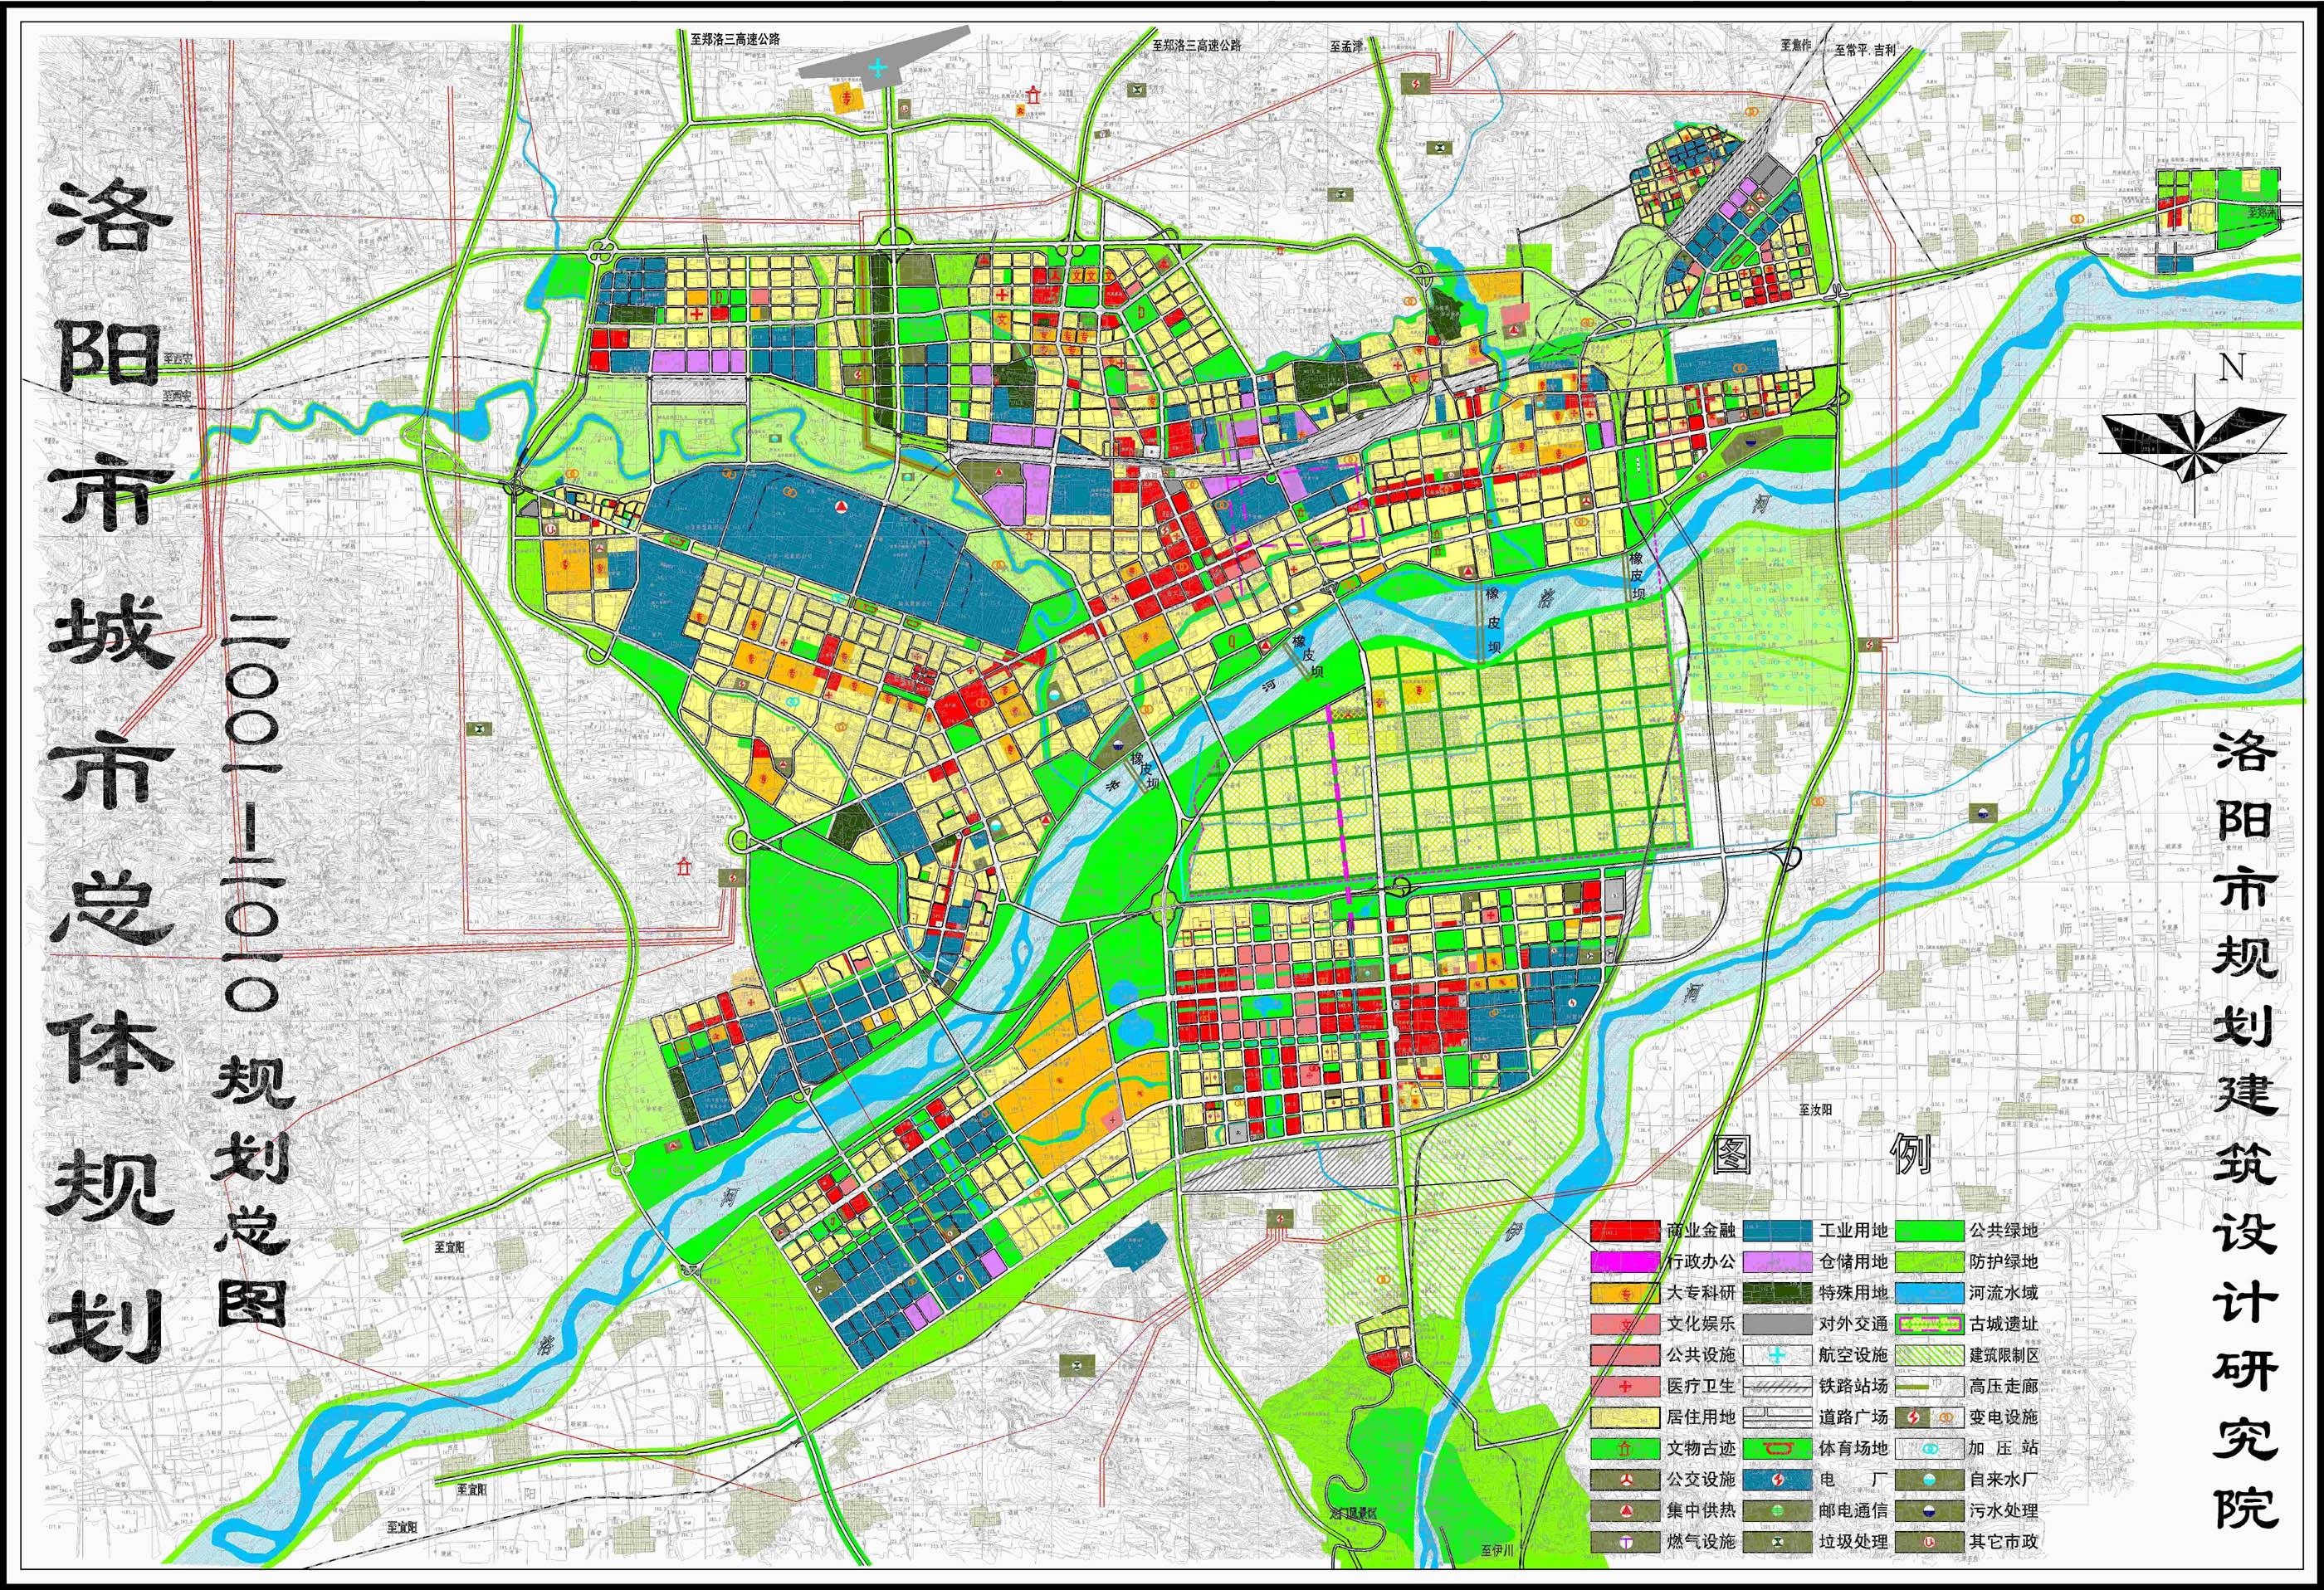 洛阳 城市规划图 洛阳地 图库